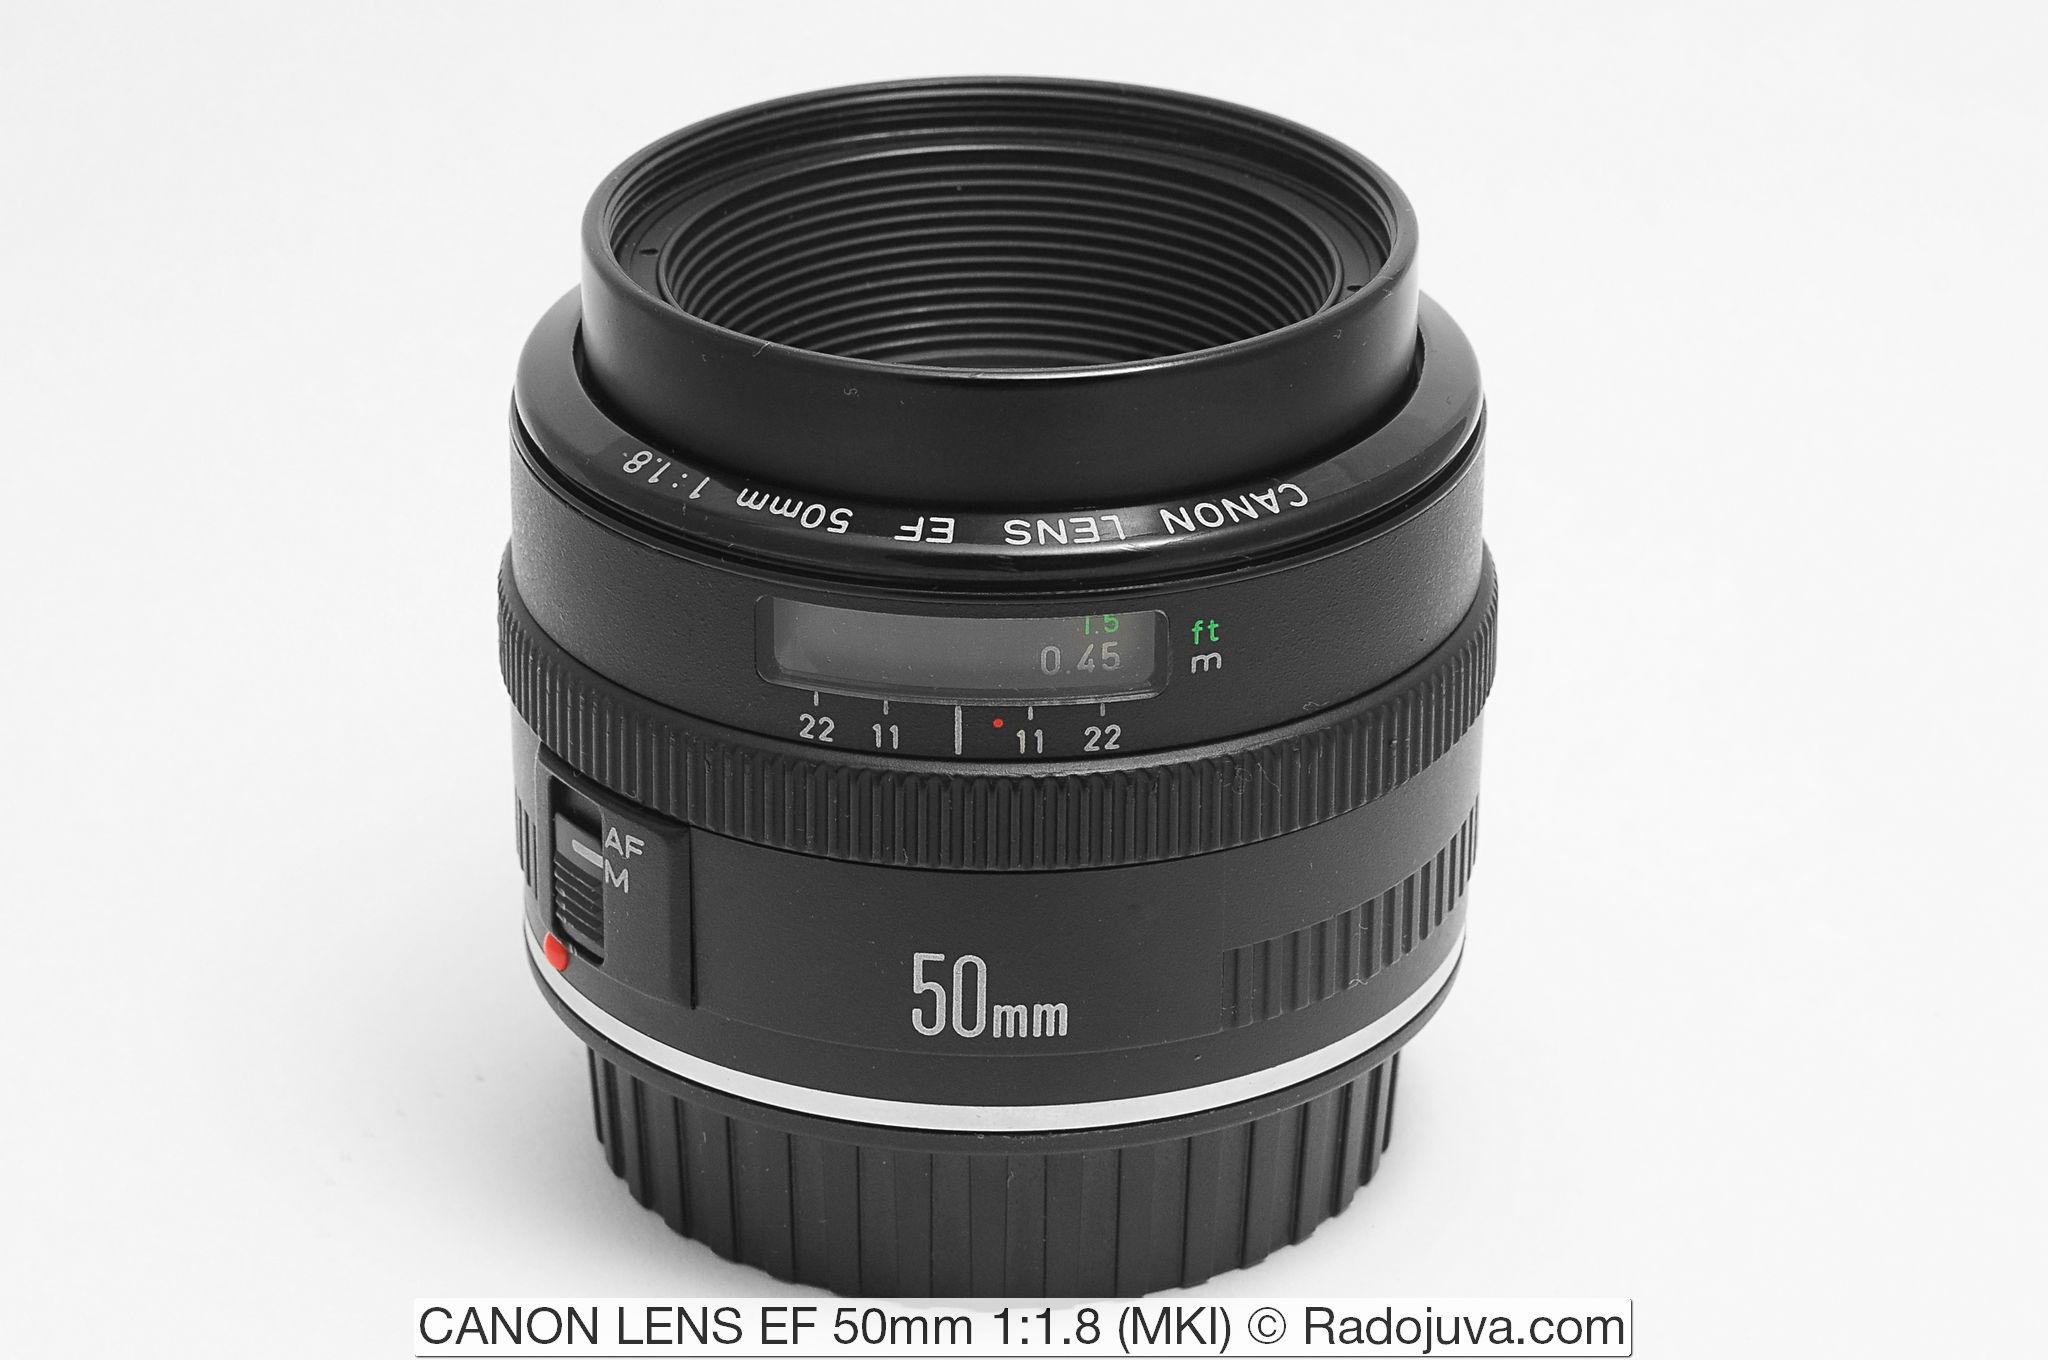 CANON LENS EF 50mm 1:1.8 (MKI)